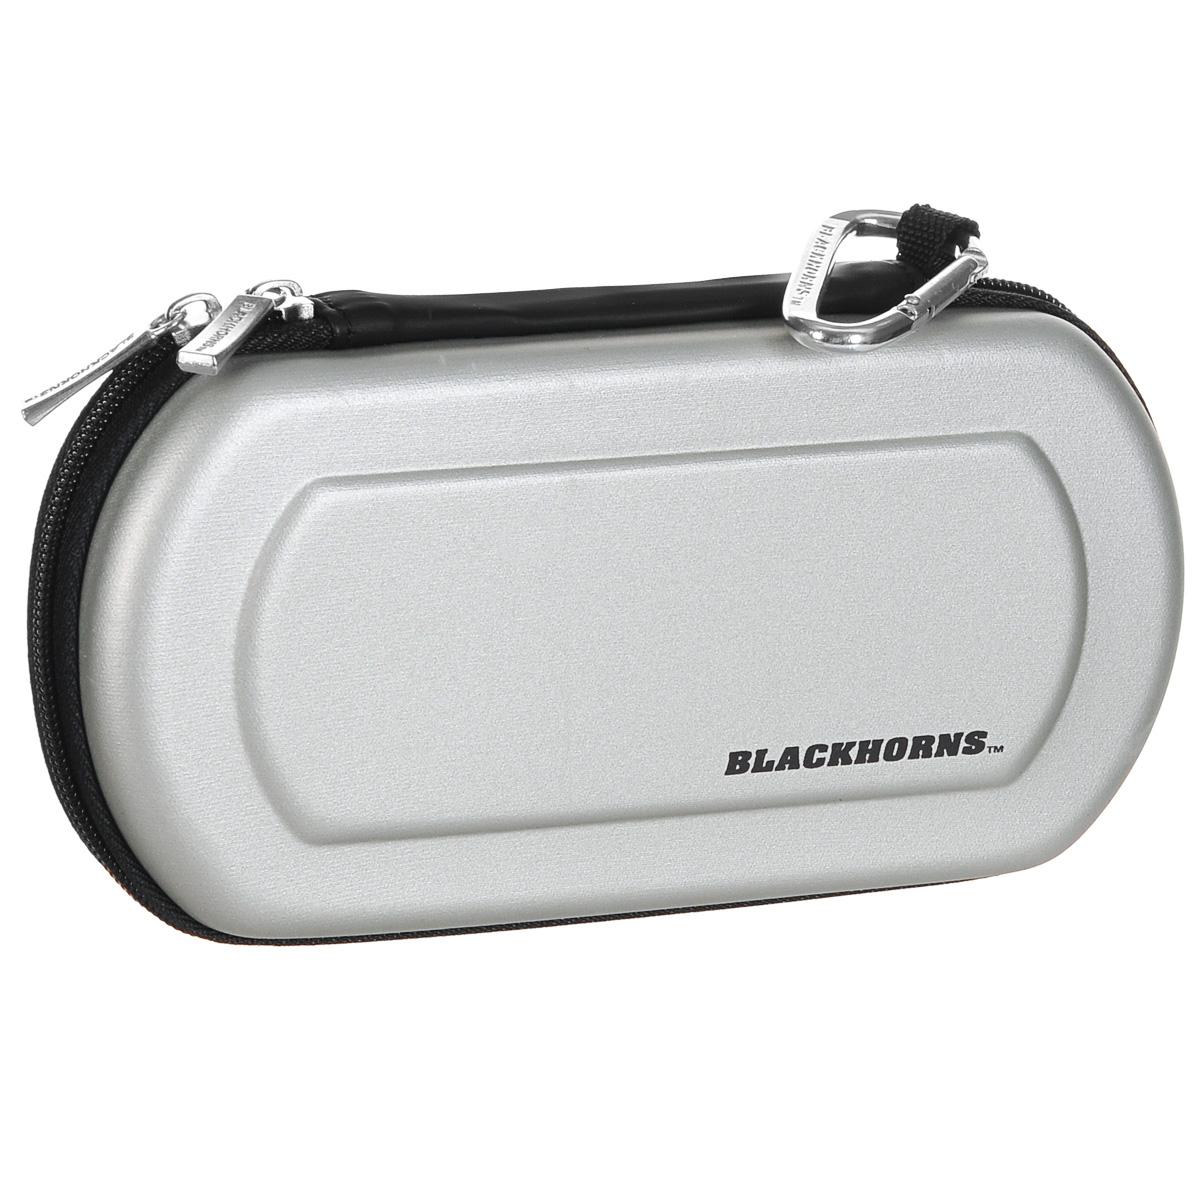 Защитный чехол Black Horns для Sony PSP E1000/2000/3000 (New Version), серый